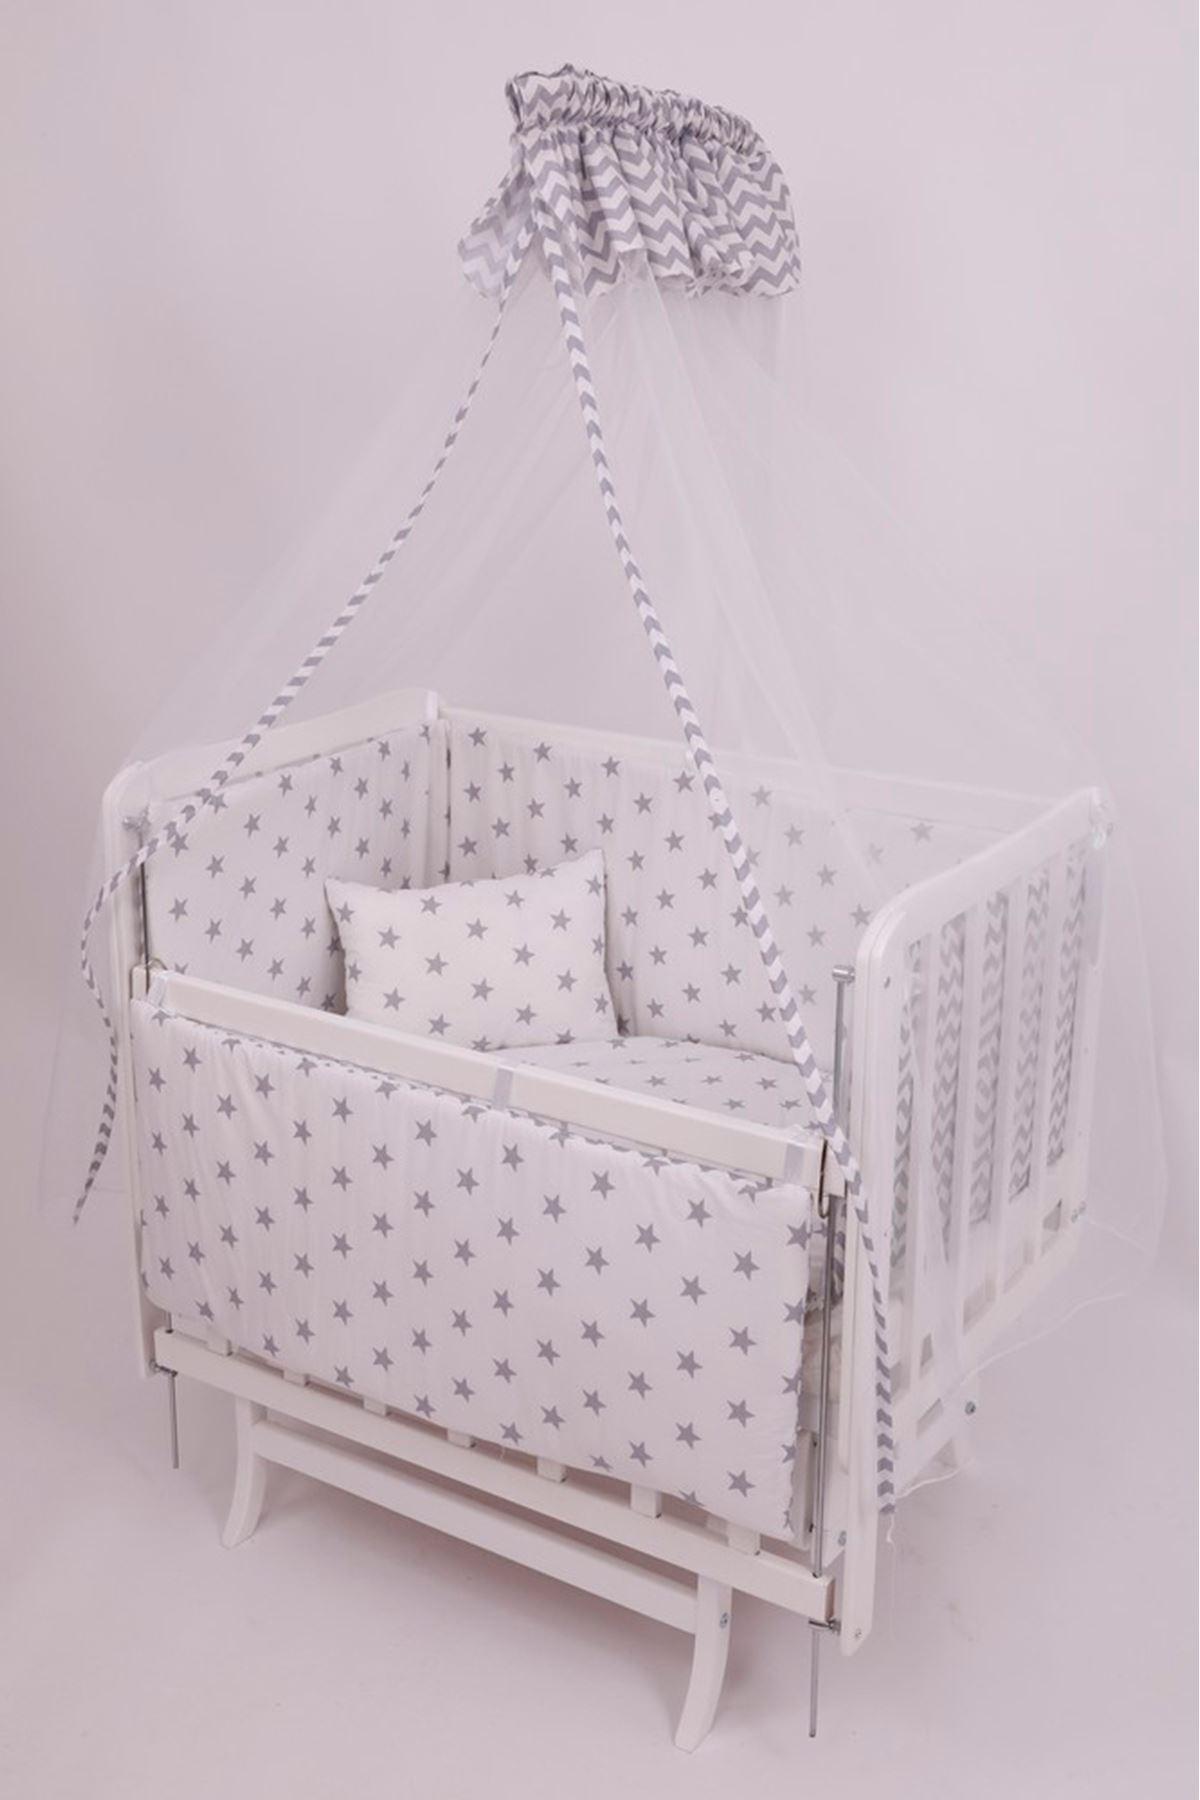 Gri Zigzaglı Uyku Seti ile Beyaz Anne Yanı Beşik